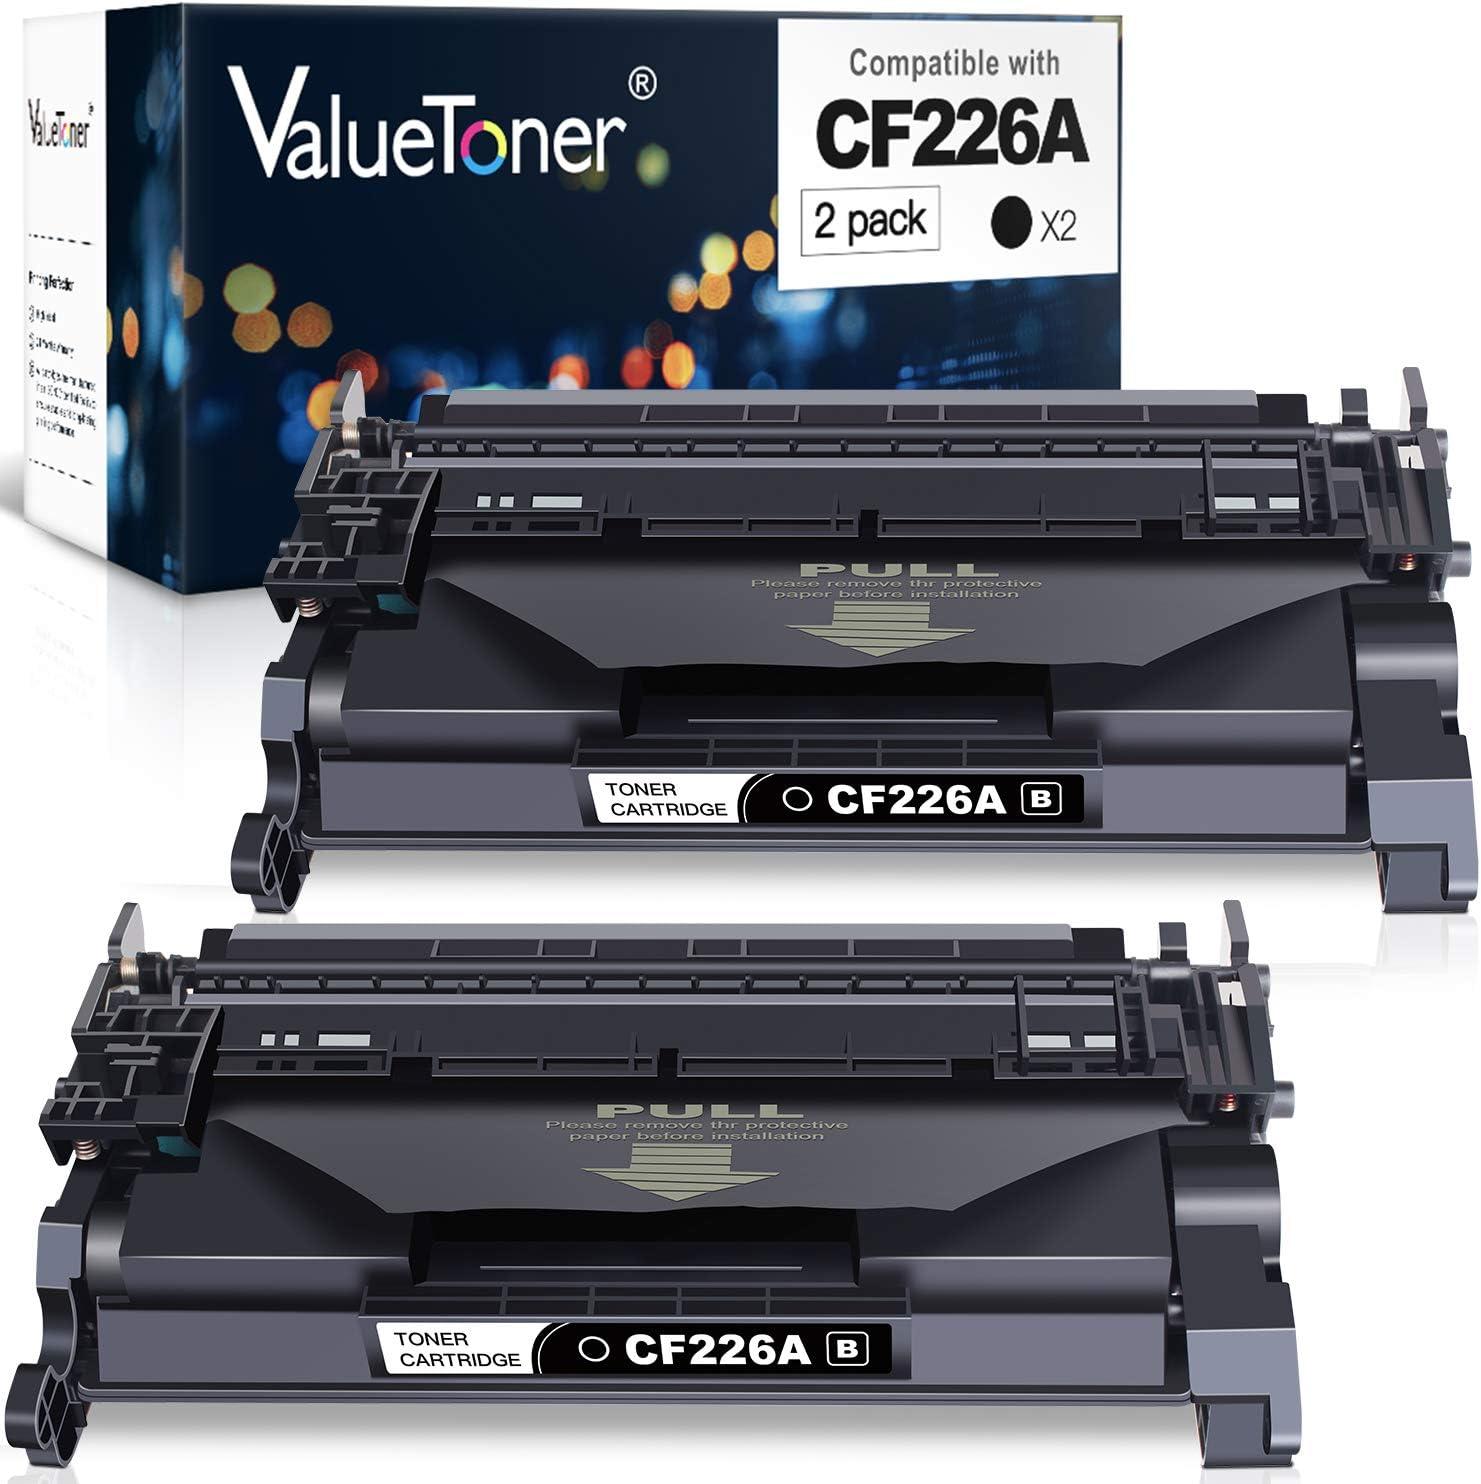 Valuetoner Compatible Toner Cartridge Replacement for HP 26A CF226A 26X CF226X Used for Laserjet Pro M402n M402dw M402dn Laserjet Pro MFP M426fdw M426dw Printer (Black, 2 Pack)